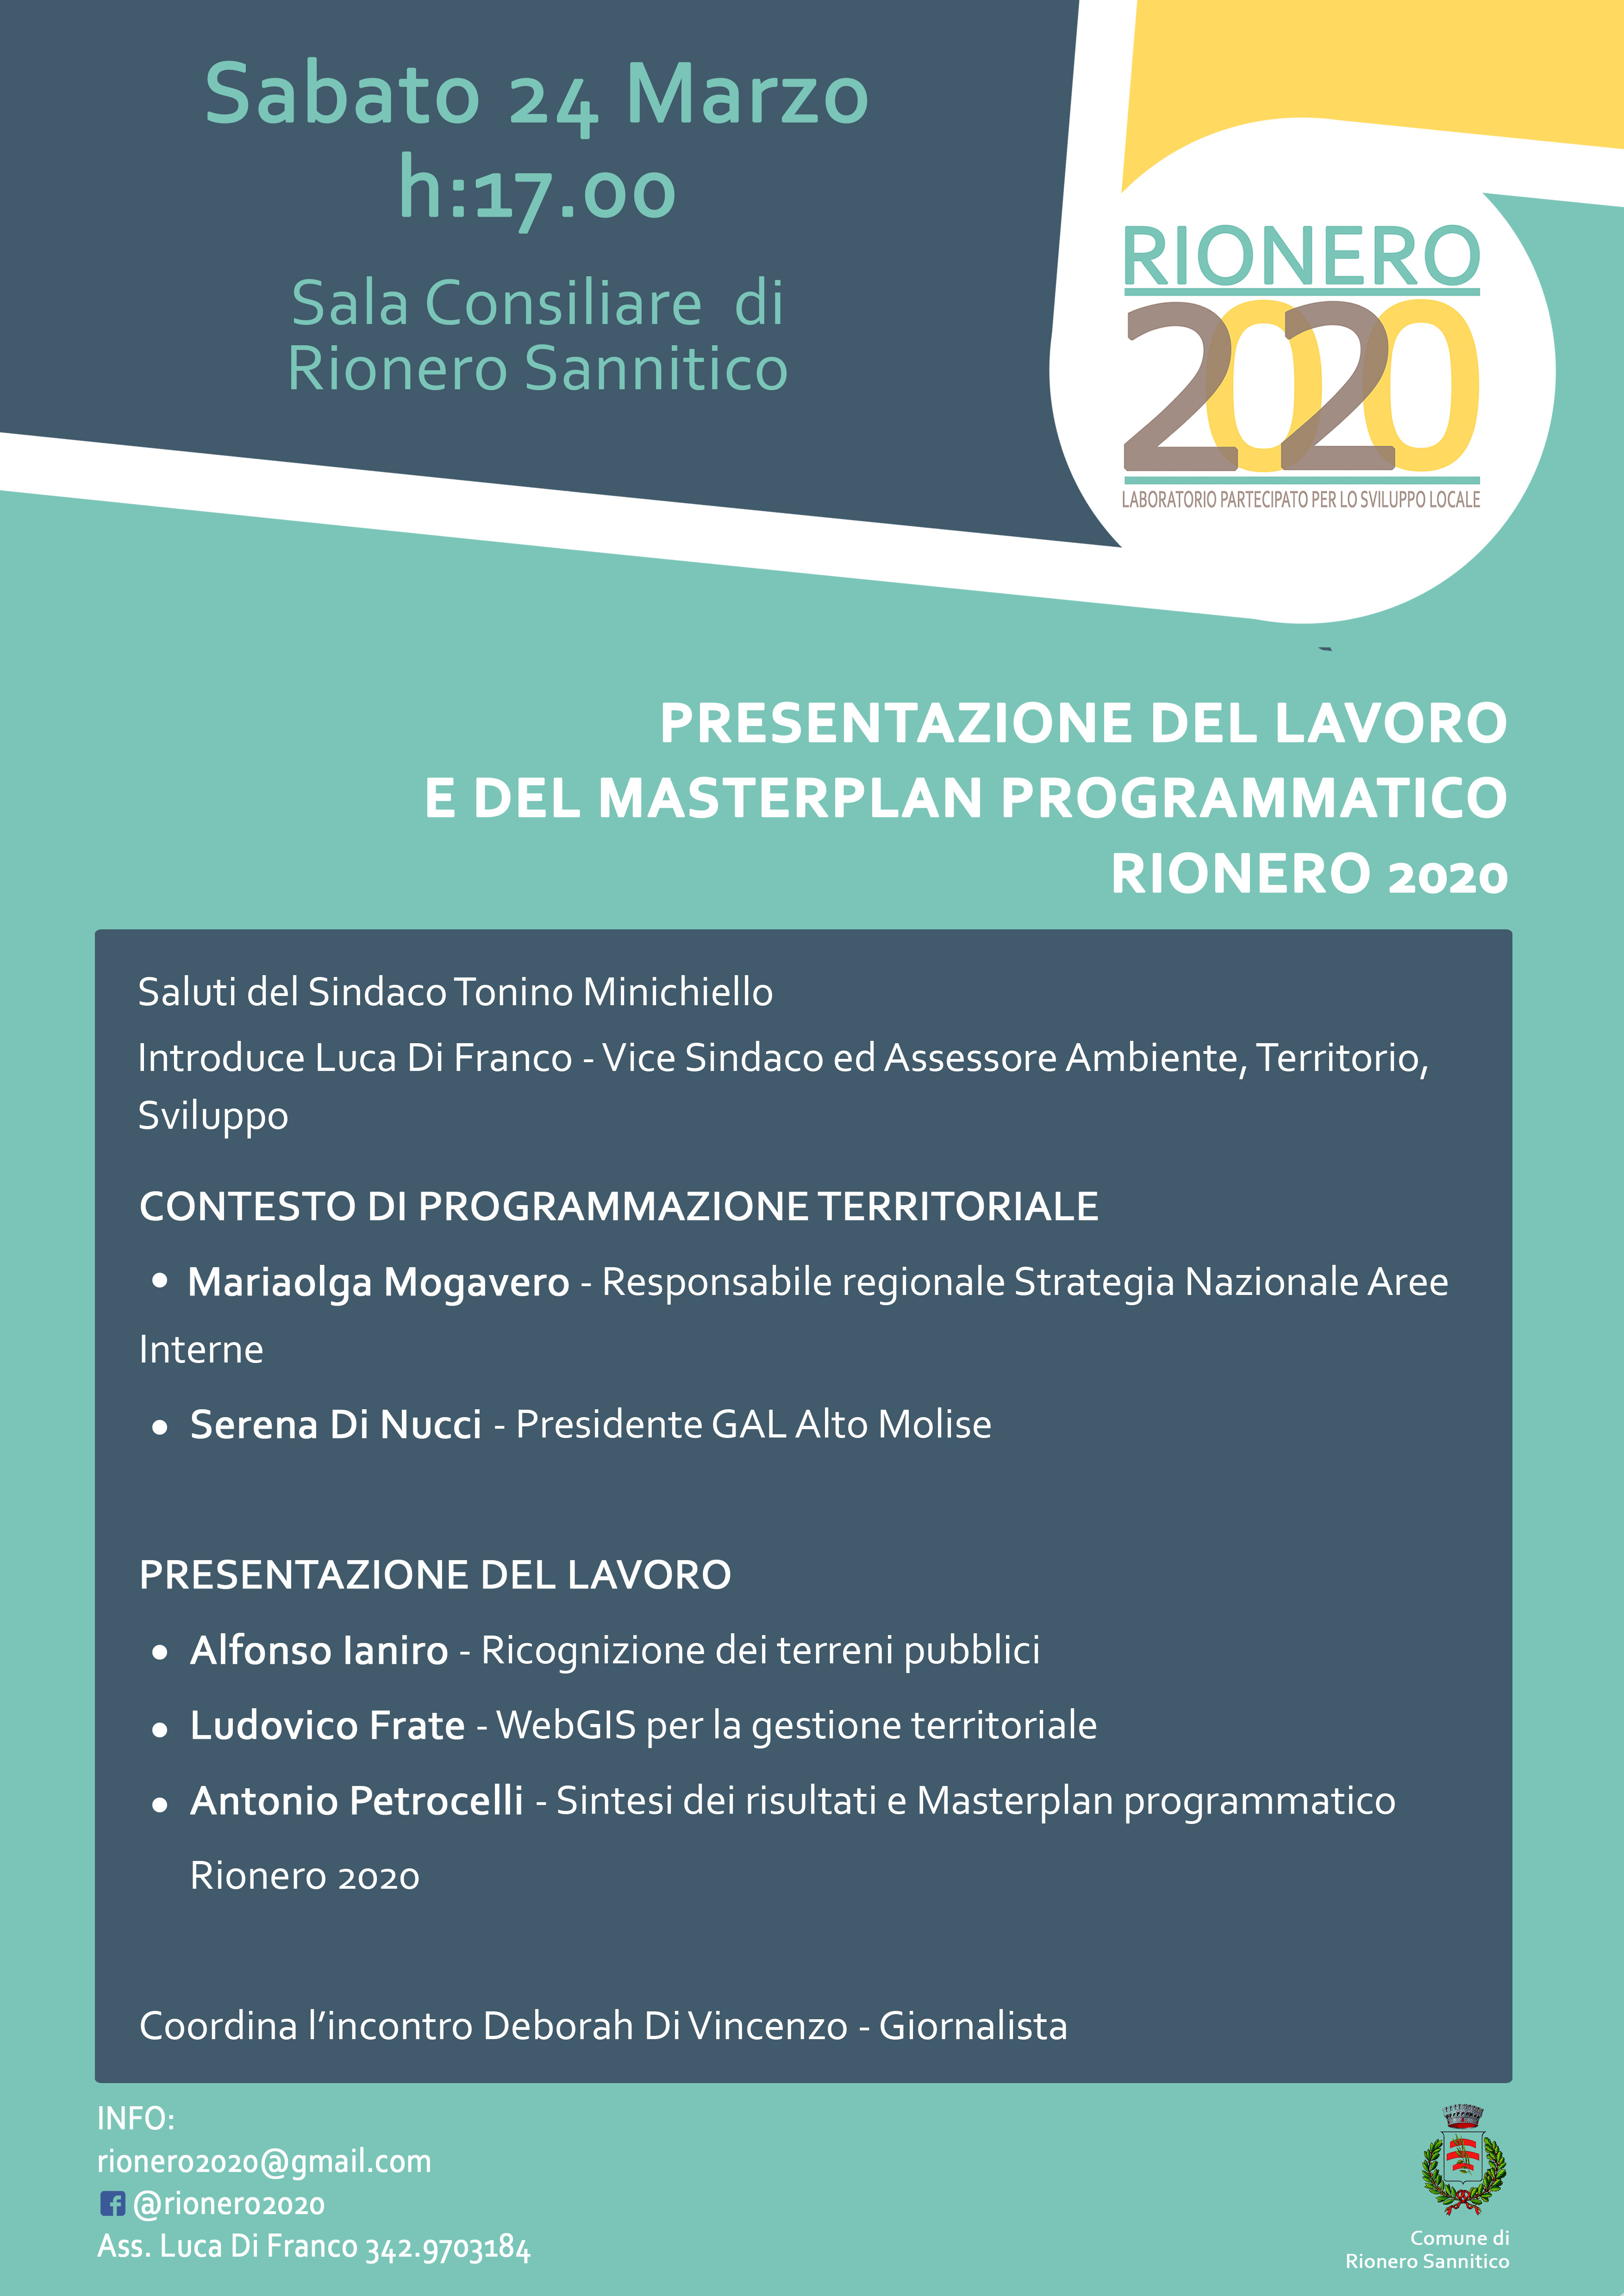 RIONERO2020 INCONTRO FINALE